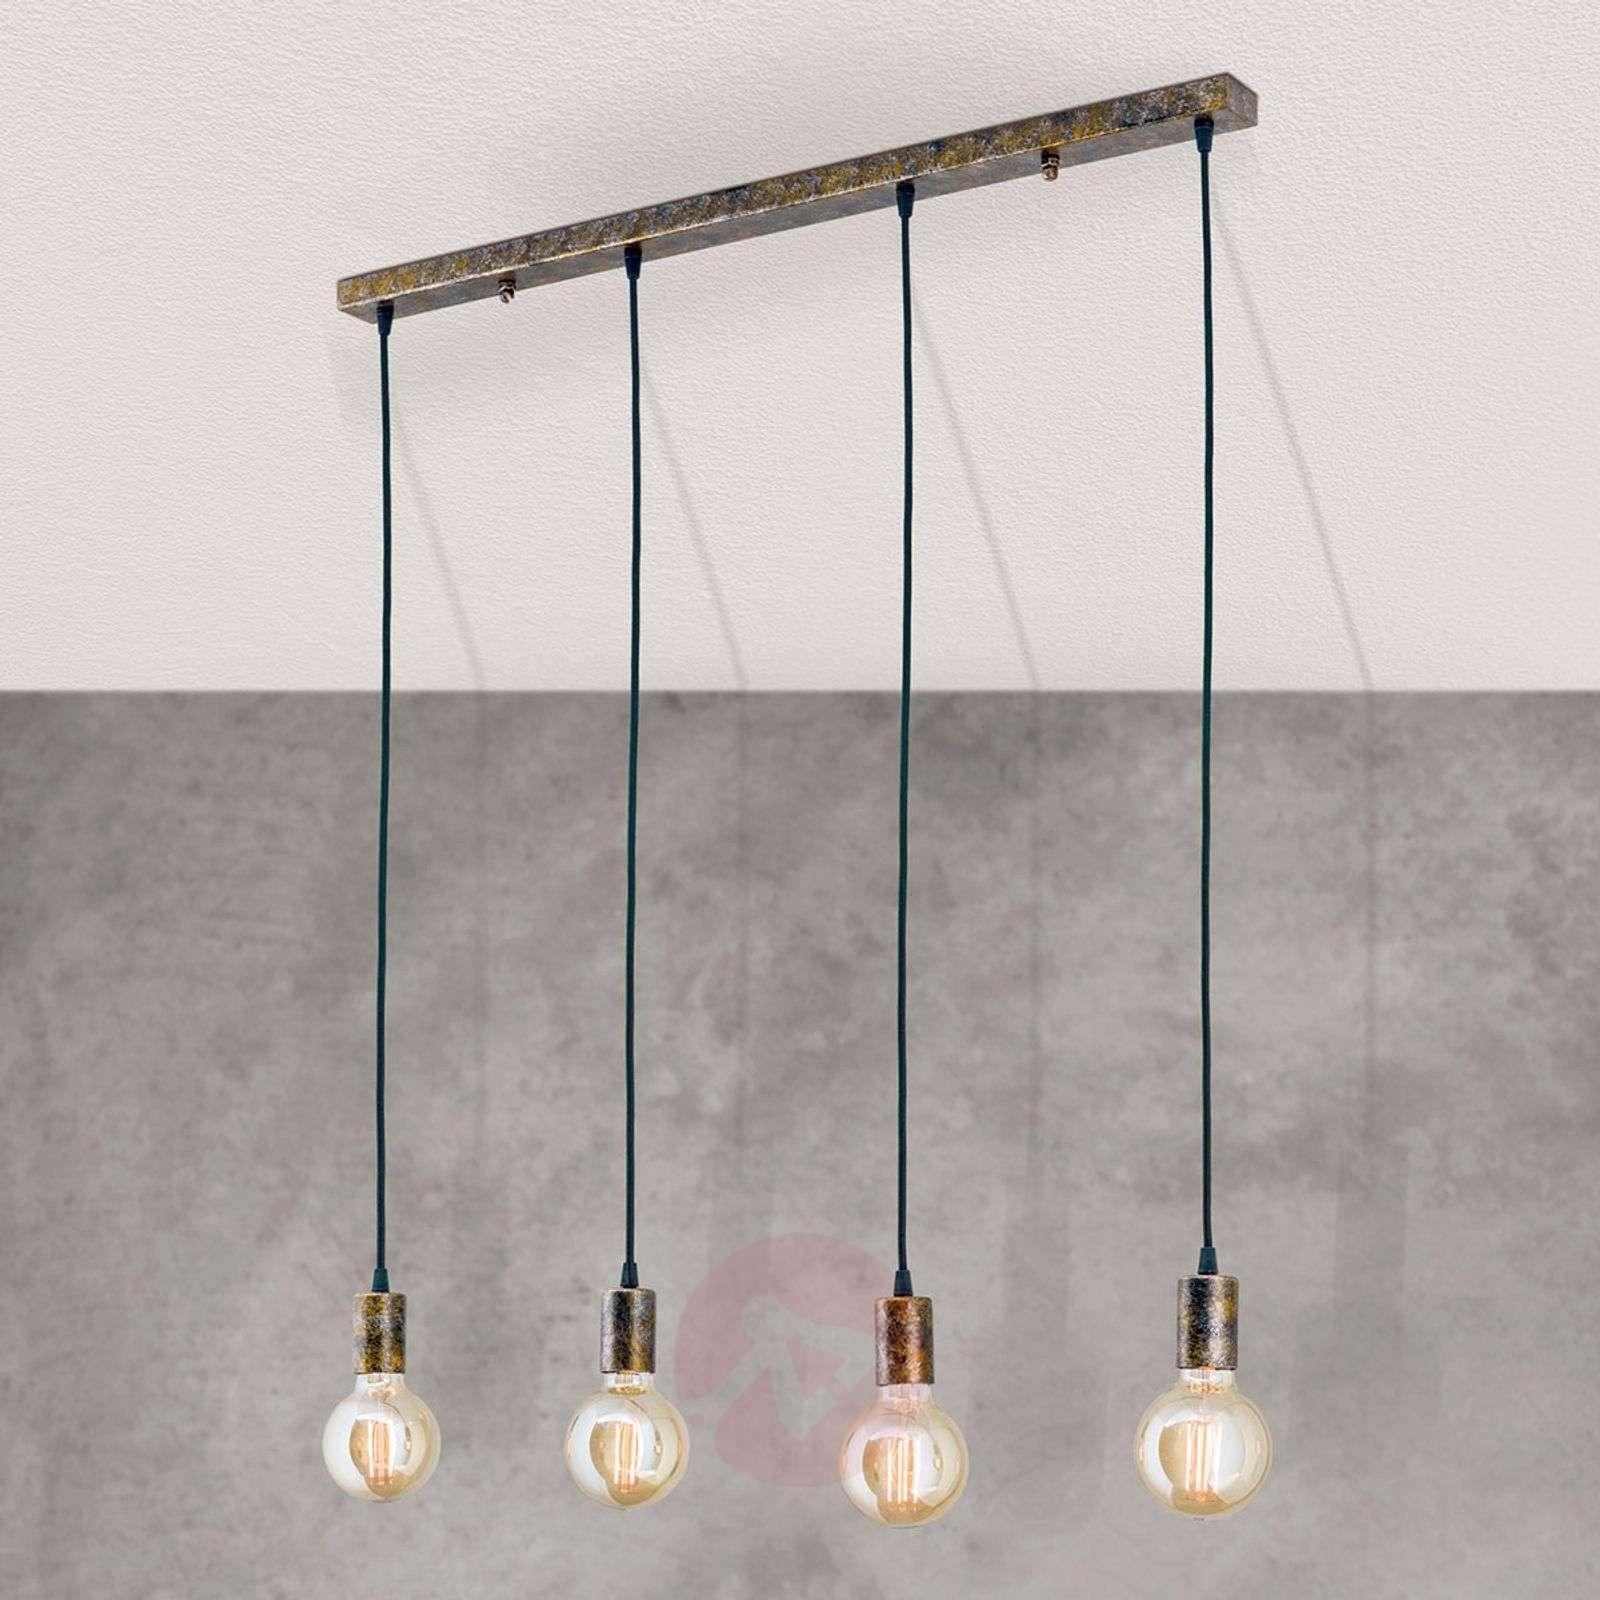 Four-bulb vintage pendant light Rati-7255367-01